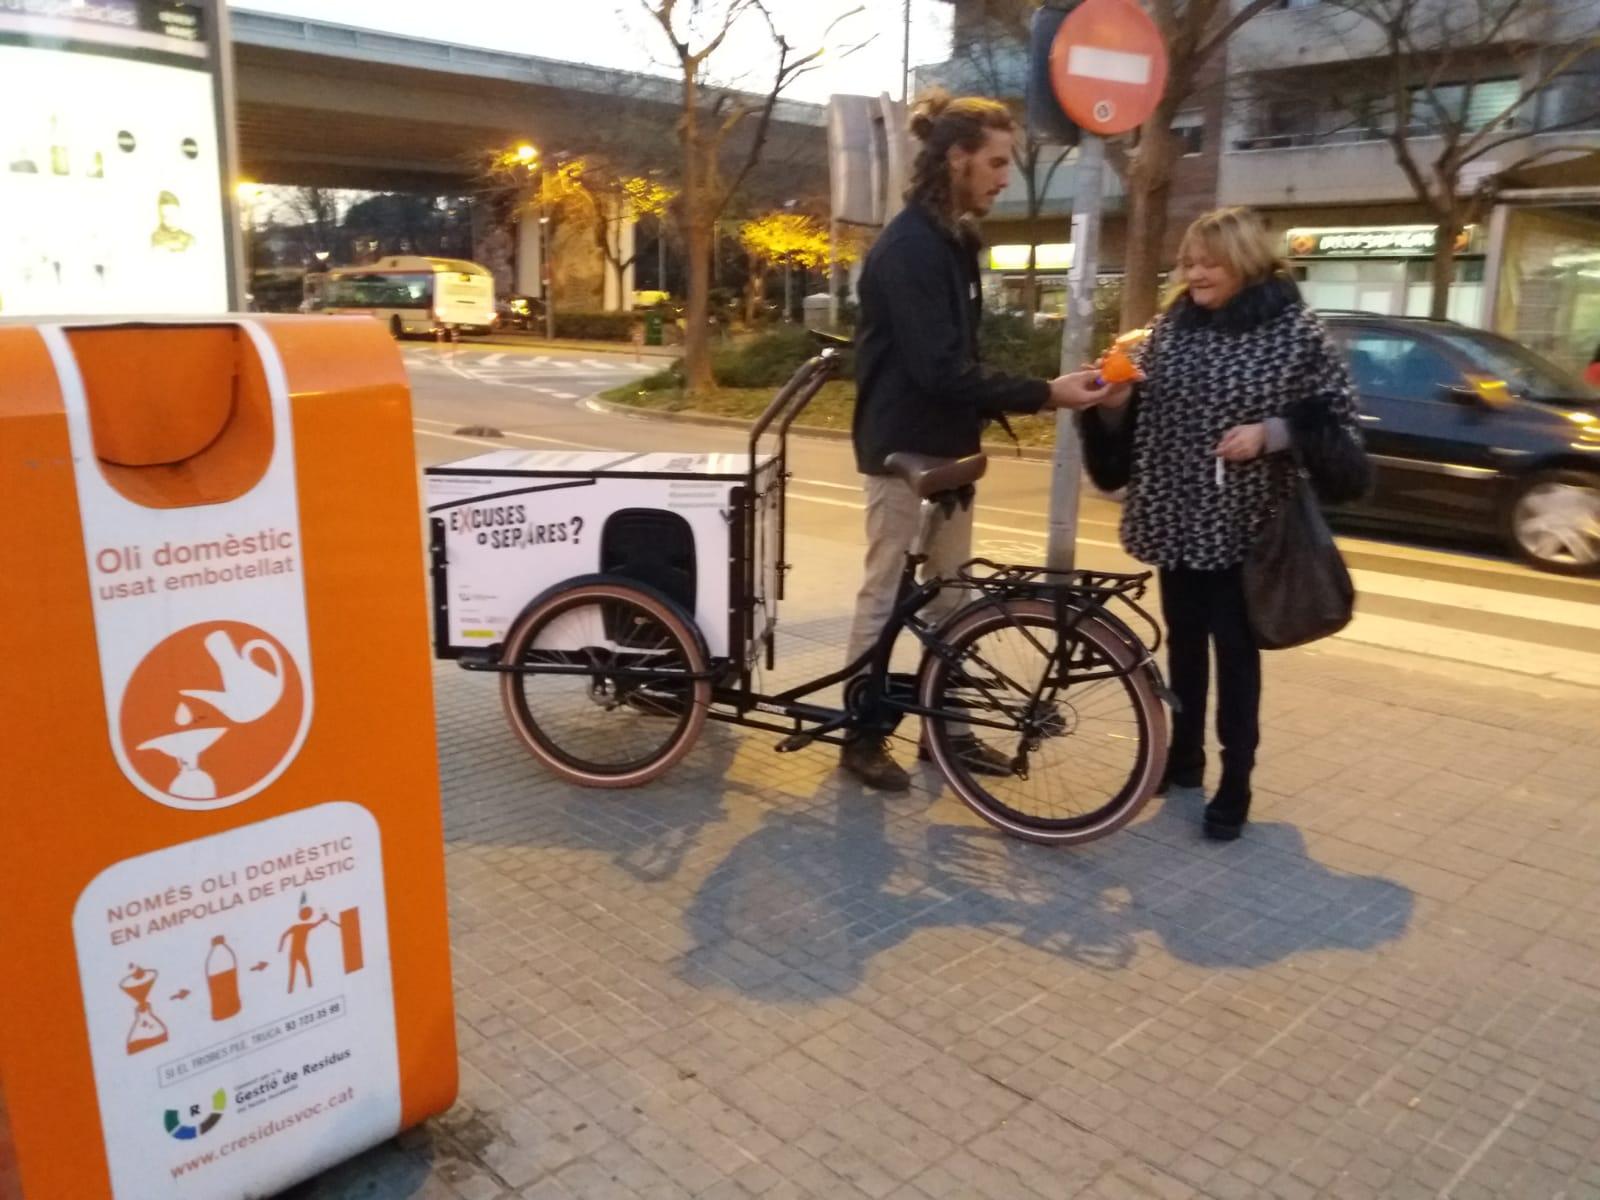 El Consorci per a la Gestió de Residus instal·la 60 nous contenidors d'oli a diferents municipis i n'informa mitjançant un educador ambiental amb bicicleta